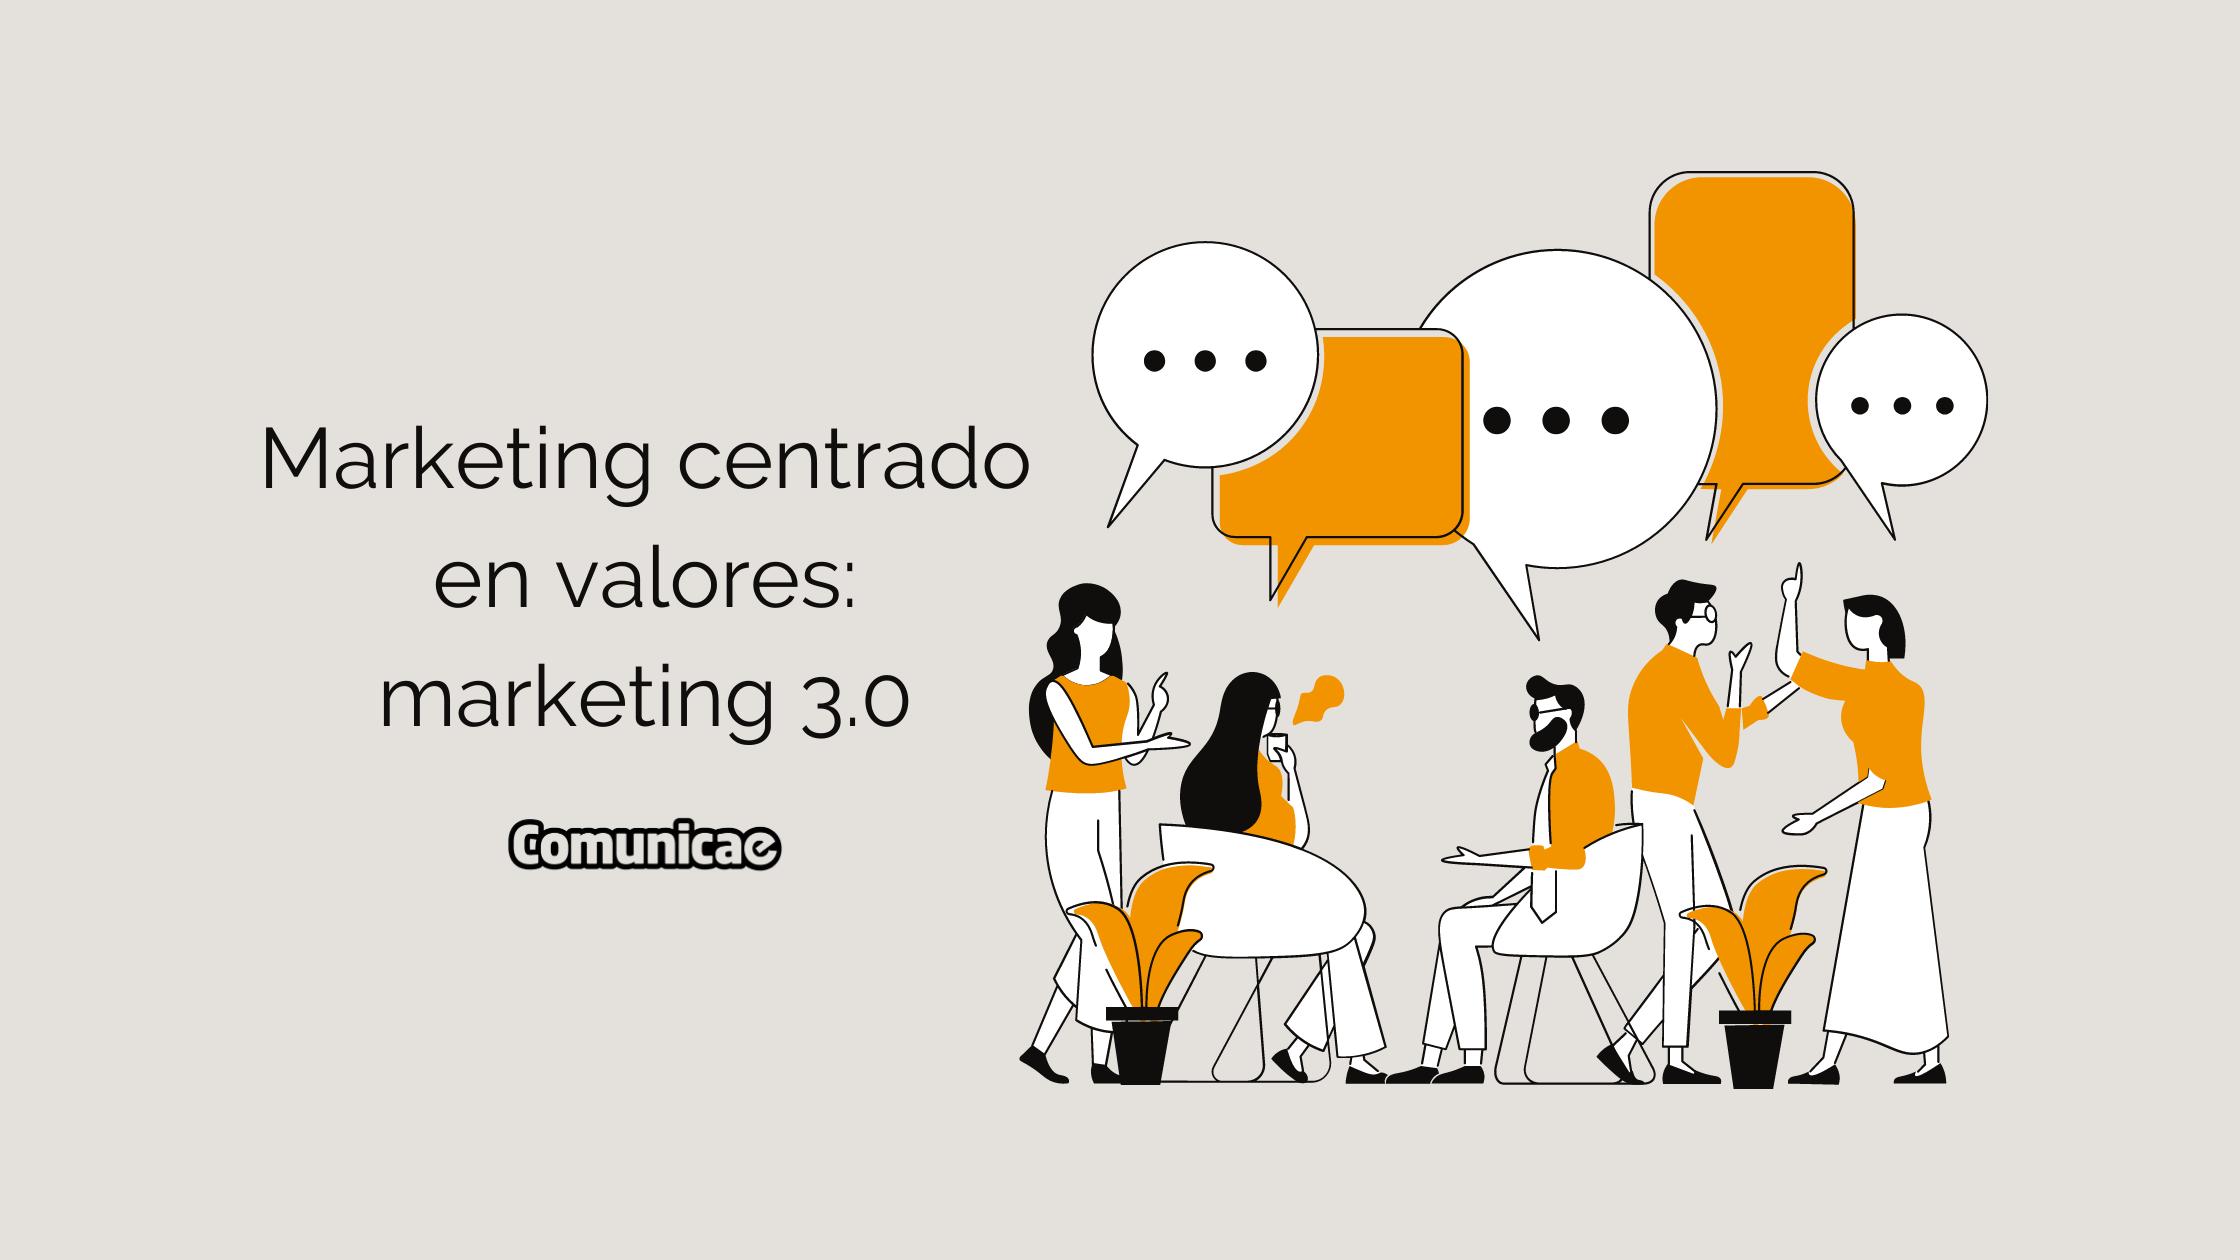 Marketing centrado en valores: Kotler y el Marketing 3.0